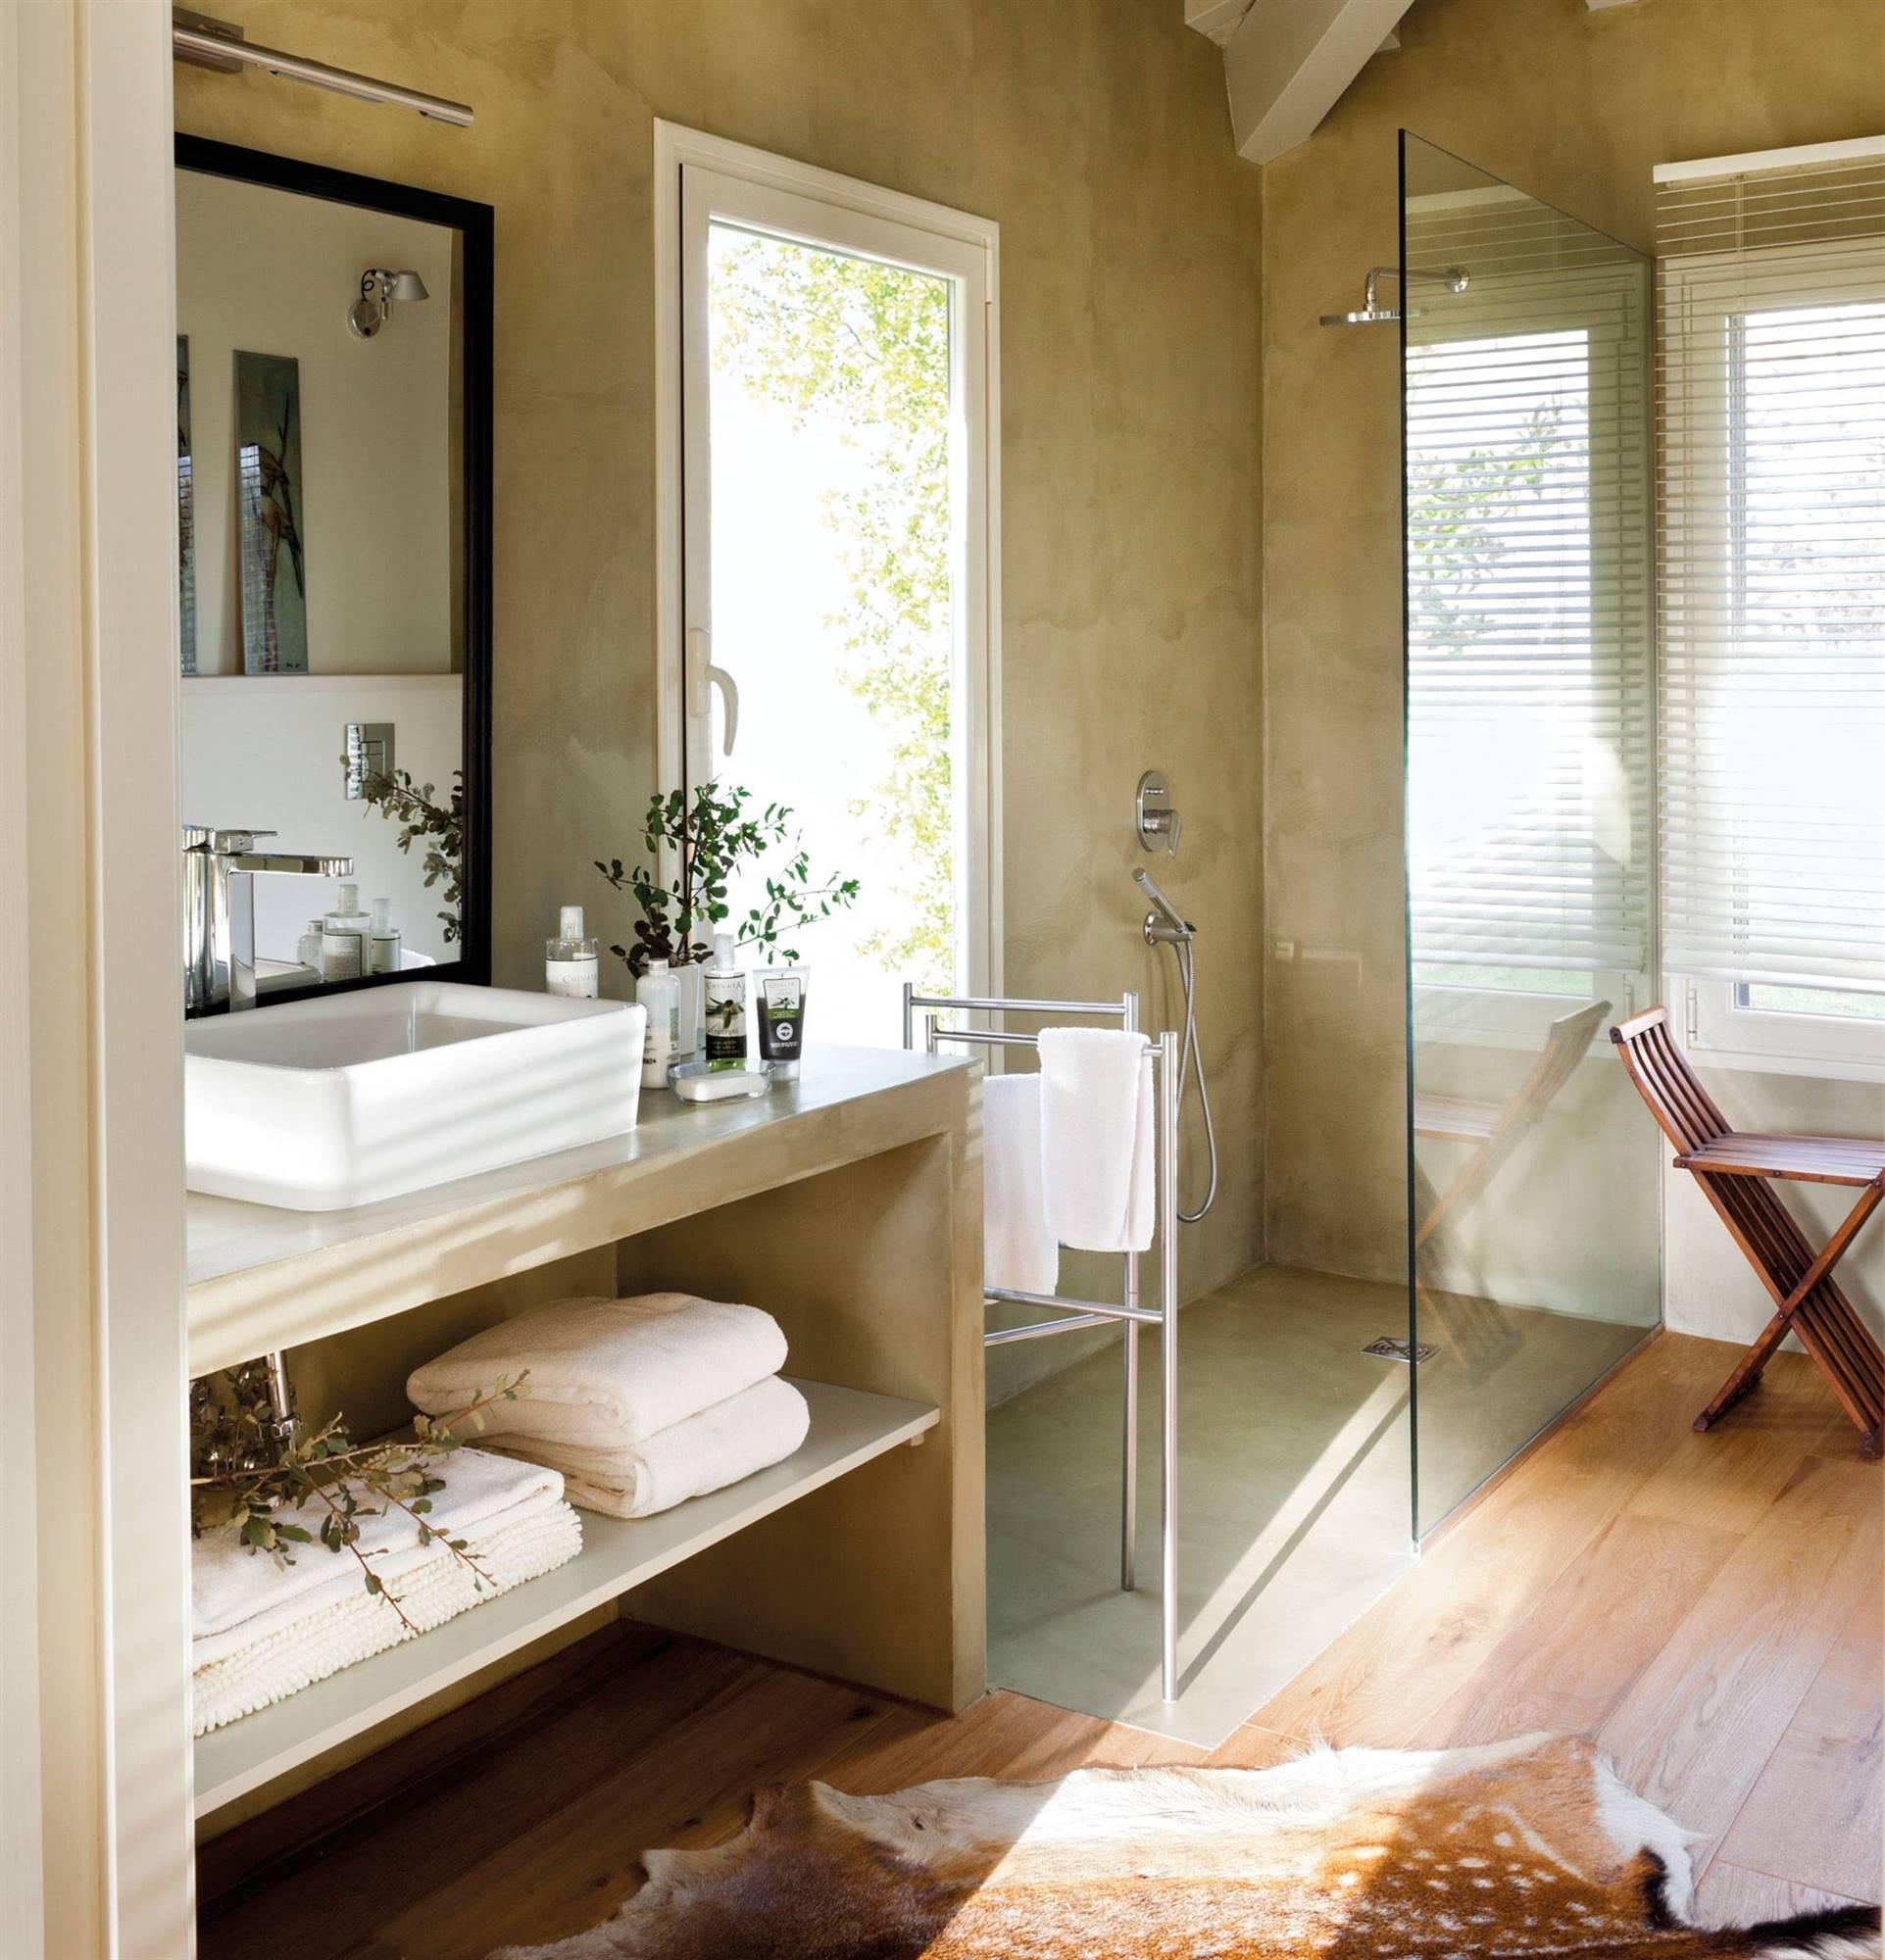 Platos de ducha a ras de suelo - Imagenes de banos con ducha ...